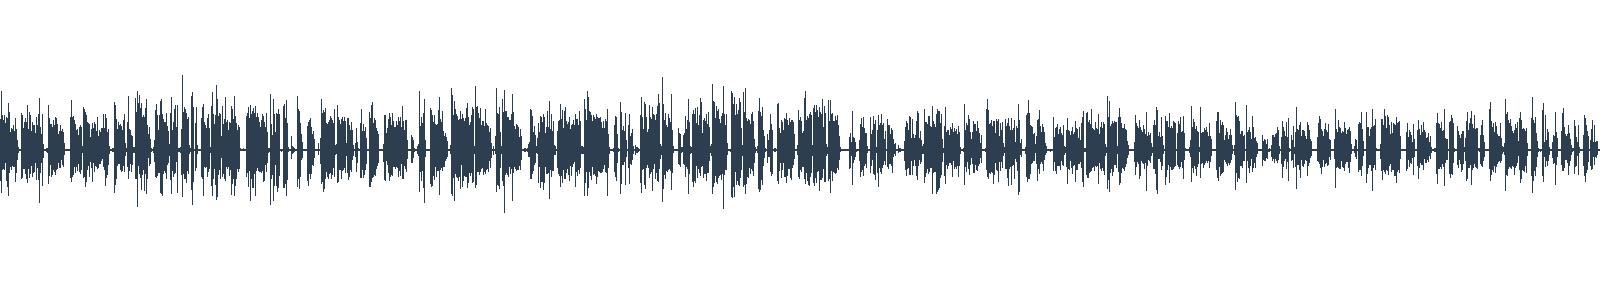 Pes baskervillský, Údolie hrôzy, Štúdia v červenom waveform